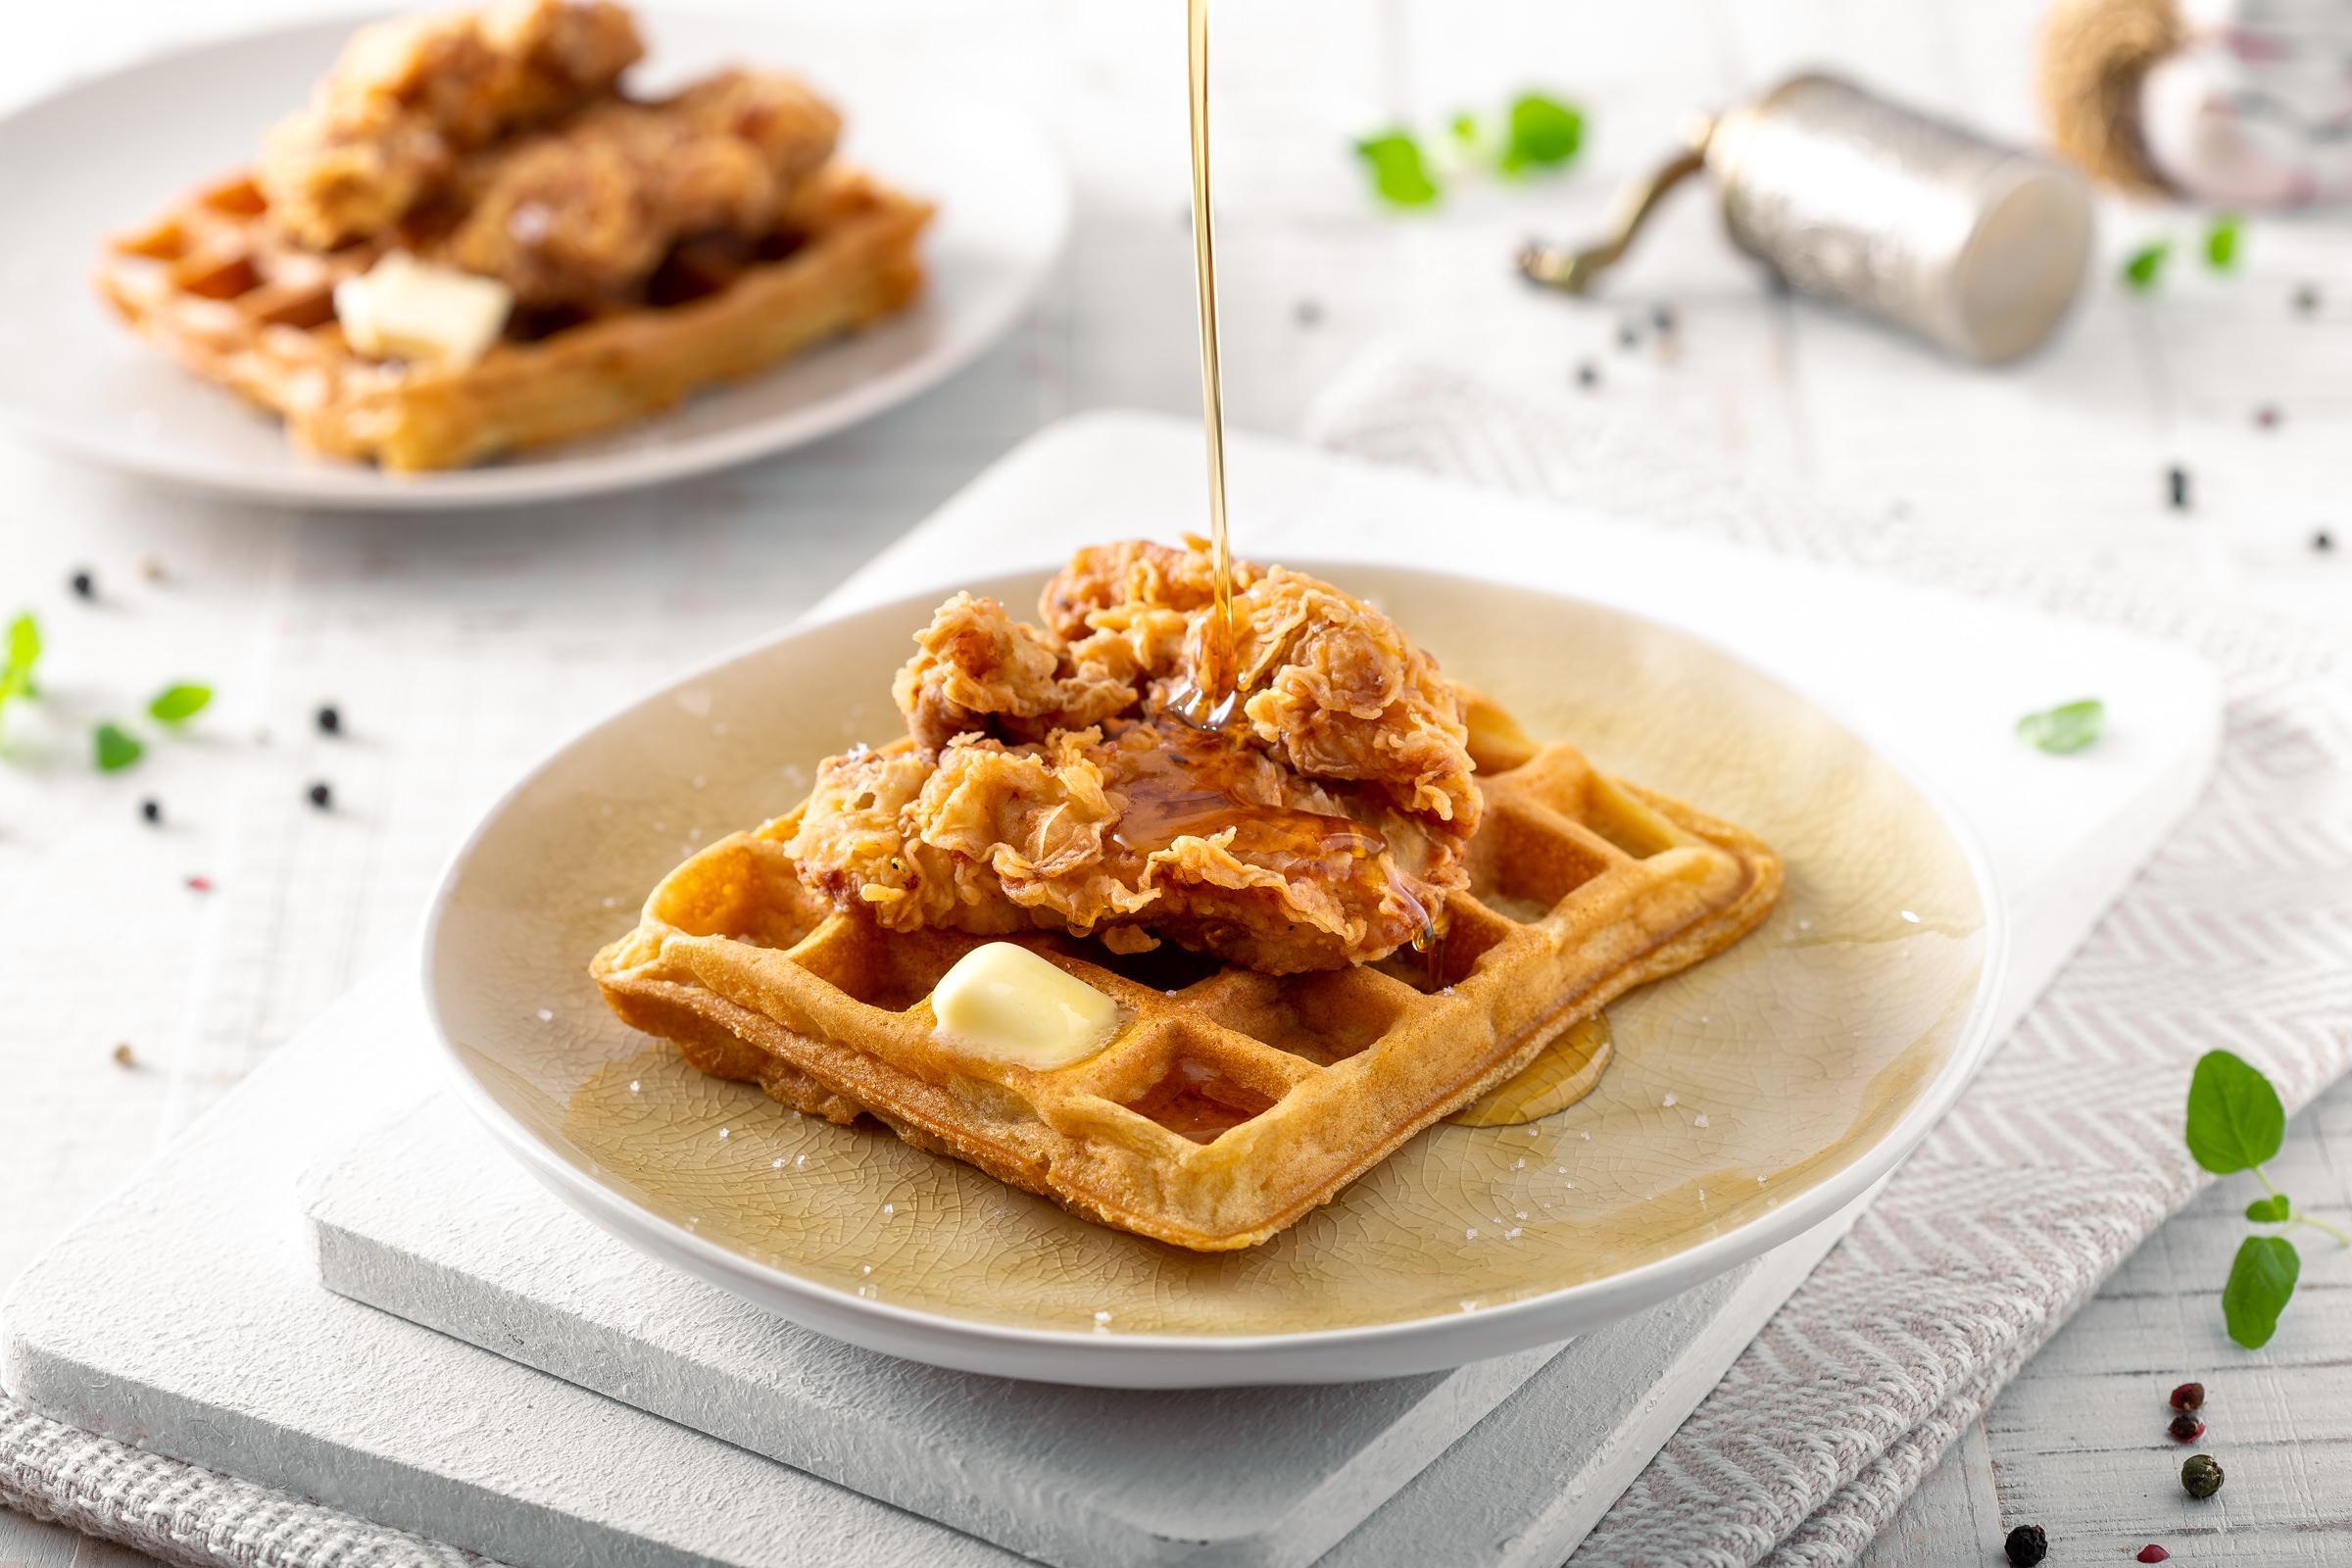 KFC pohana piletina s wafflima prelivena javorovim sirupom Međimursko pile Darko Kontin recept